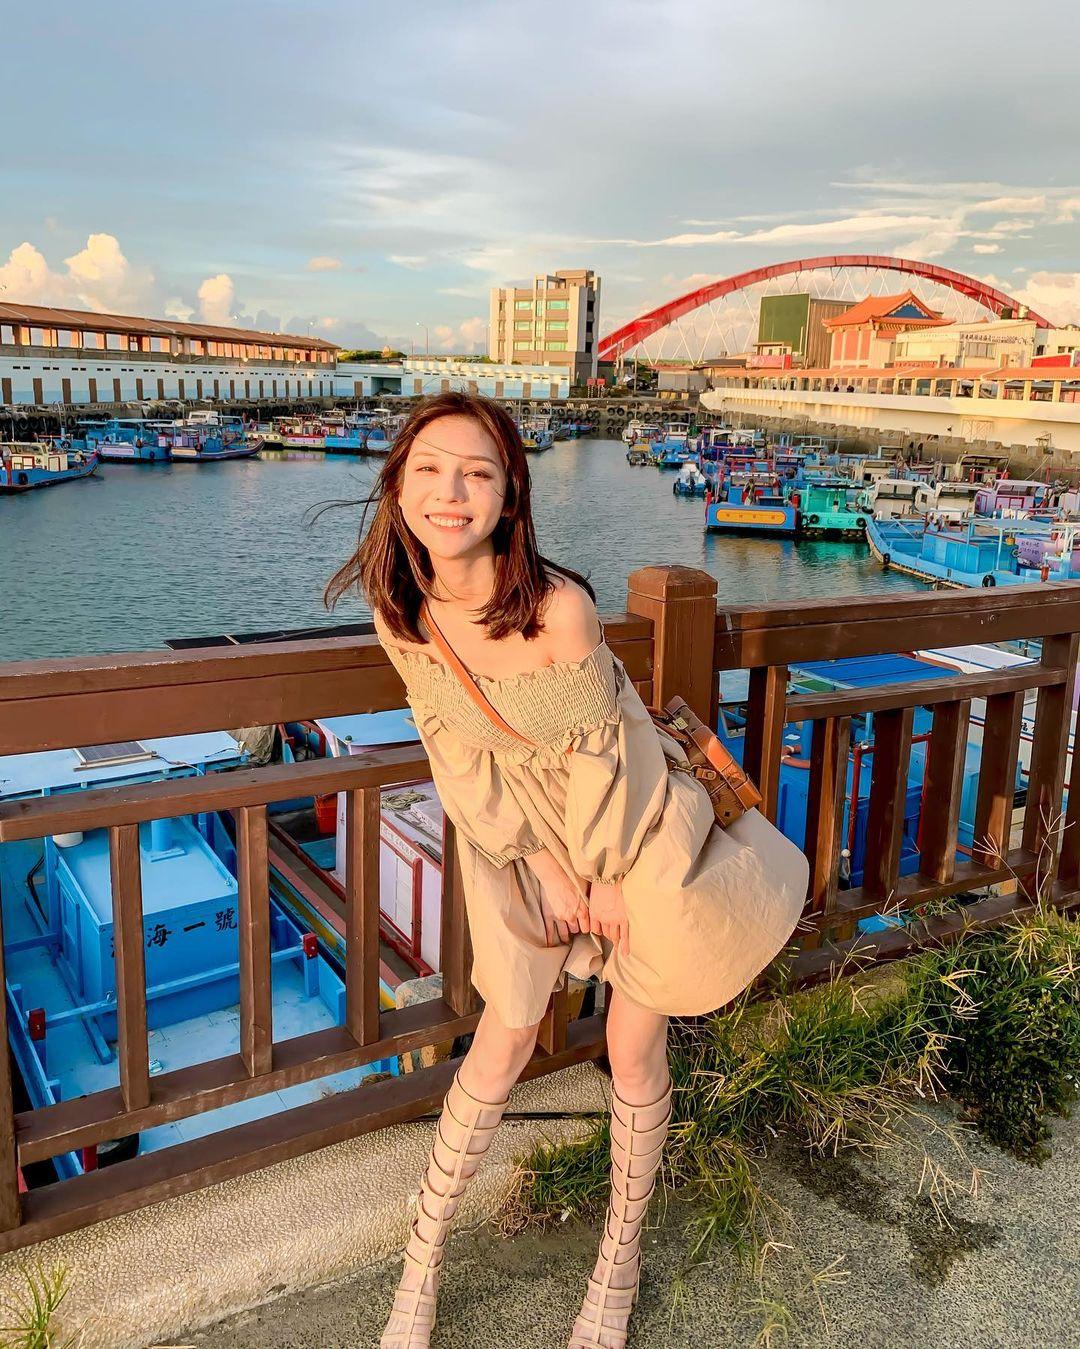 竹圍漁港 @banbi520